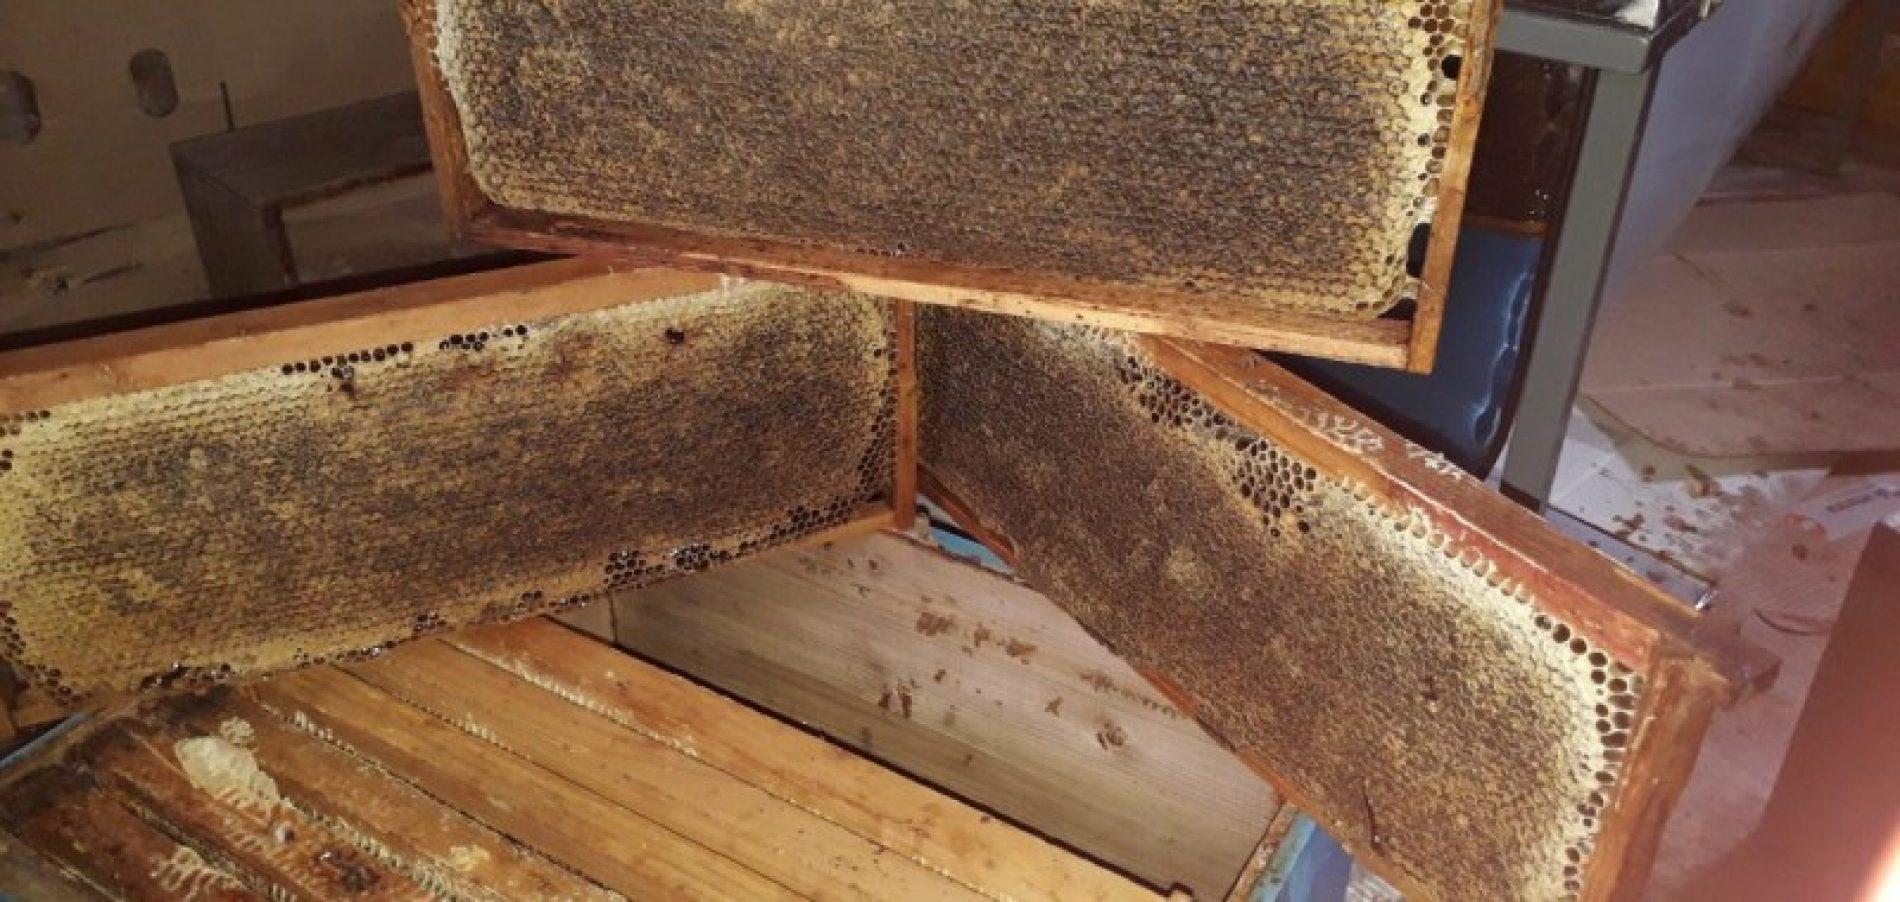 Udruženje 'Vrijesak' čuva tradiciju pčelarstva u Živinicama